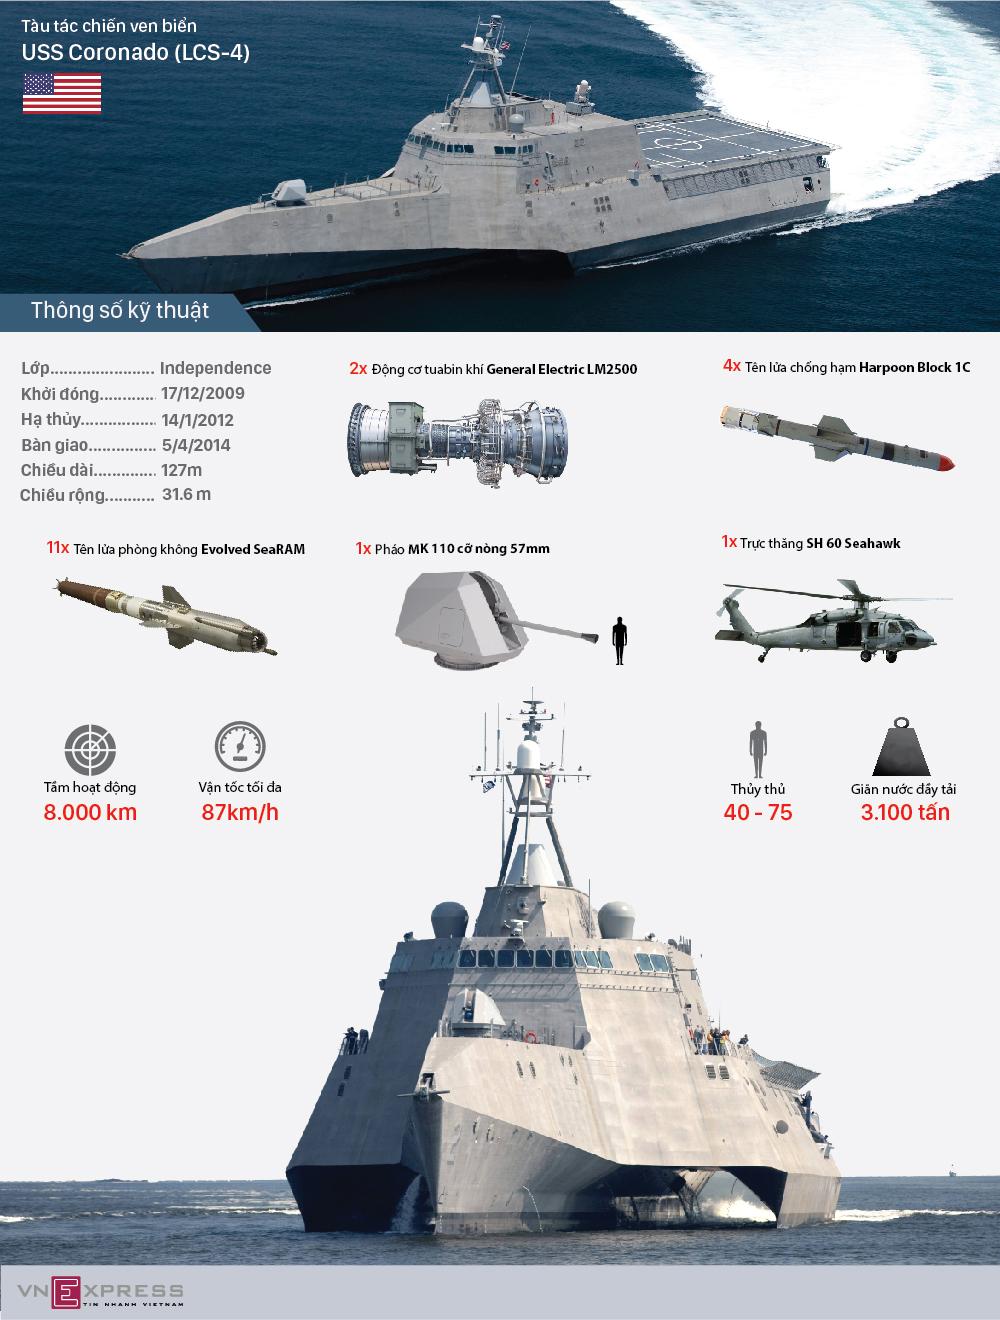 Hệ thống vũ khí trên tàu chiến Mỹ bảo dưỡng tại Cam Ranh